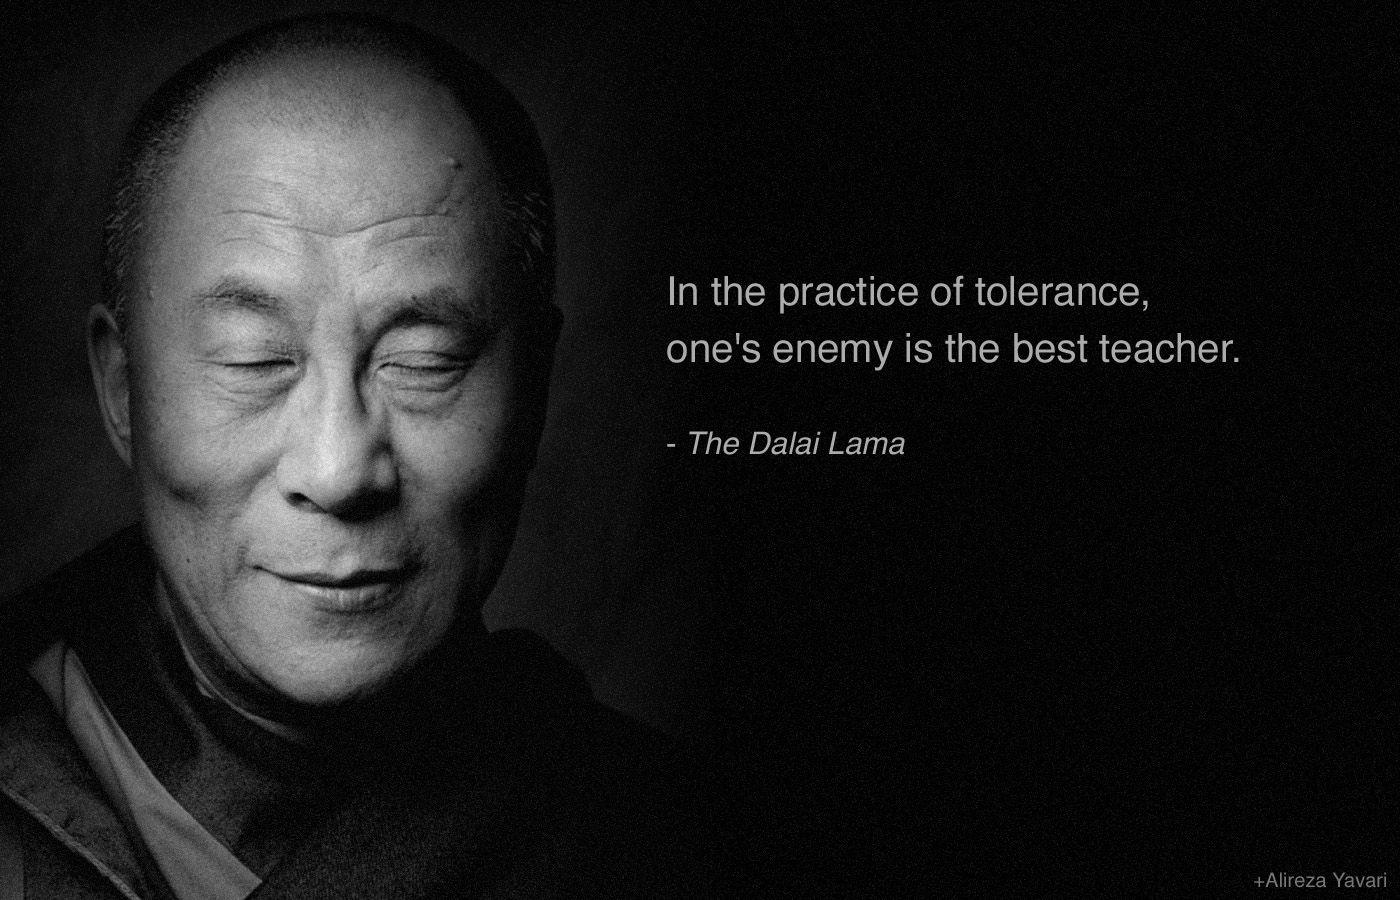 Dalai Lama Famous Sayings